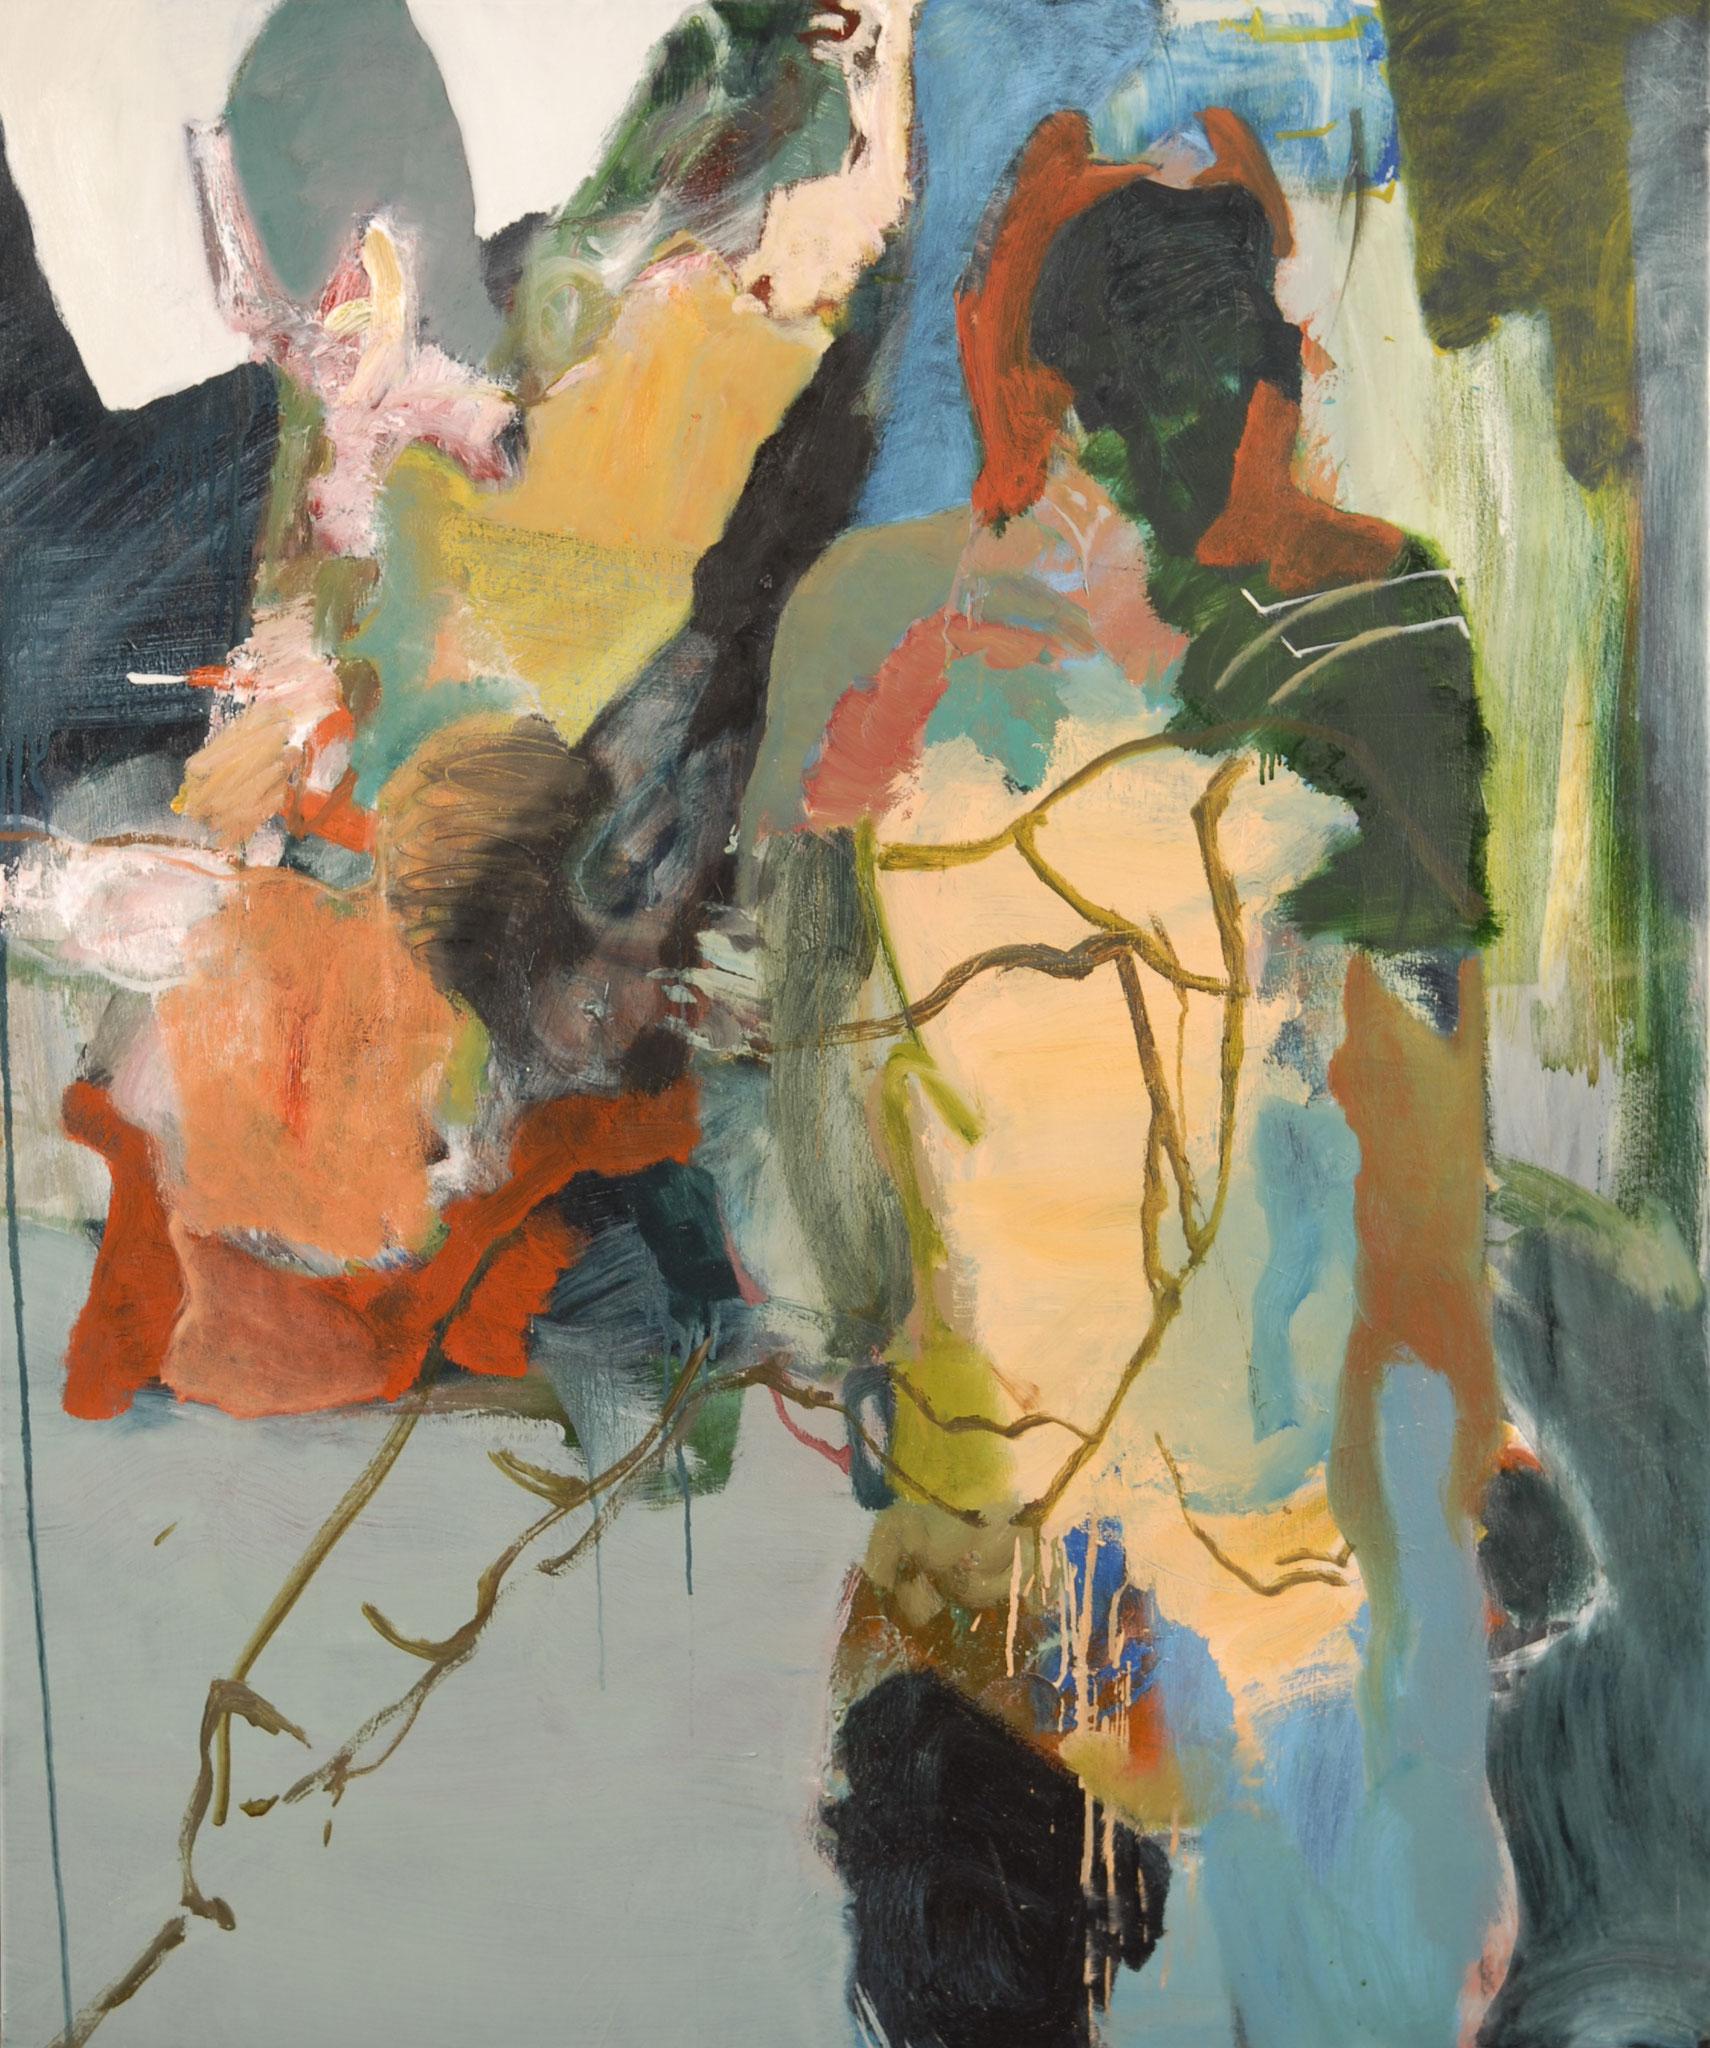 42  |  Ohne Titel  |  2016  |  Öl auf Leinwand  |   120 x 100 cm